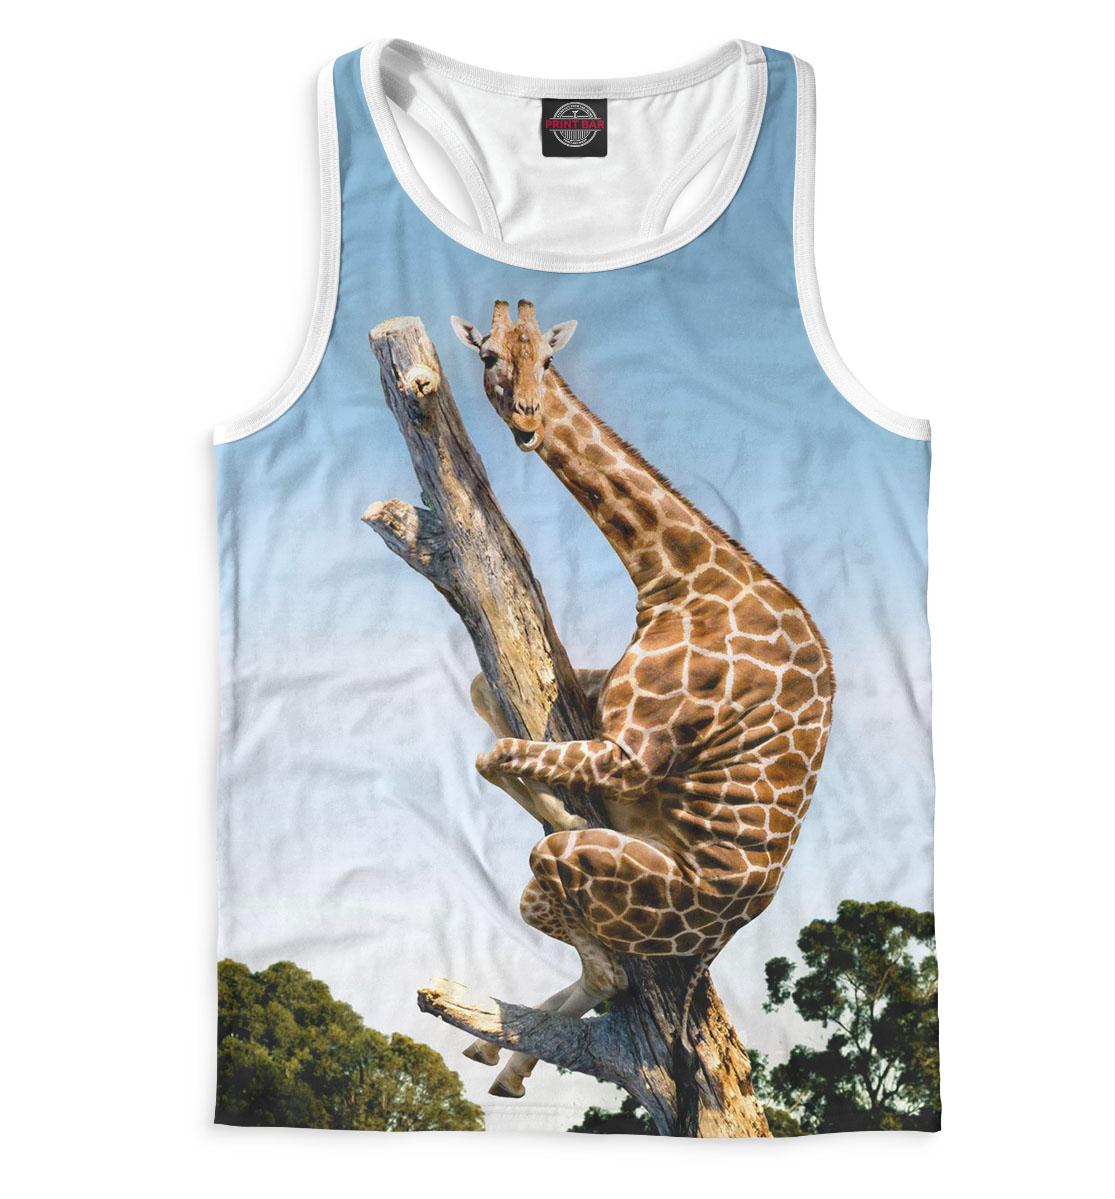 Купить Жираф на дереве, Printbar, Майки борцовки, GIR-795990-mayb-2